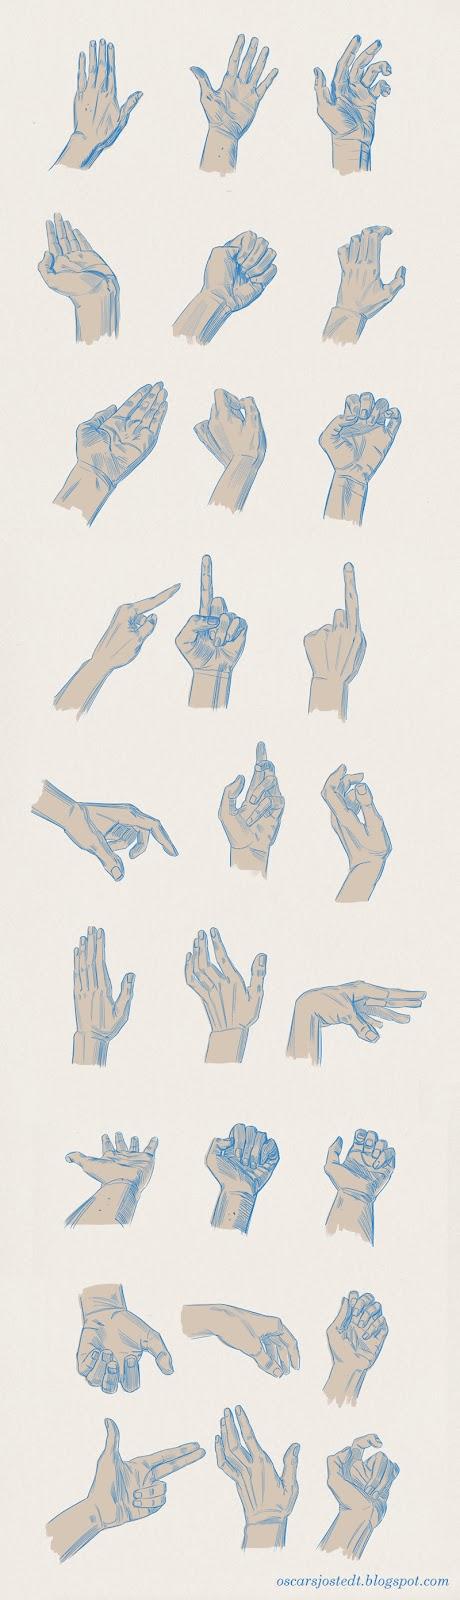 [Image: hands_1.jpg]